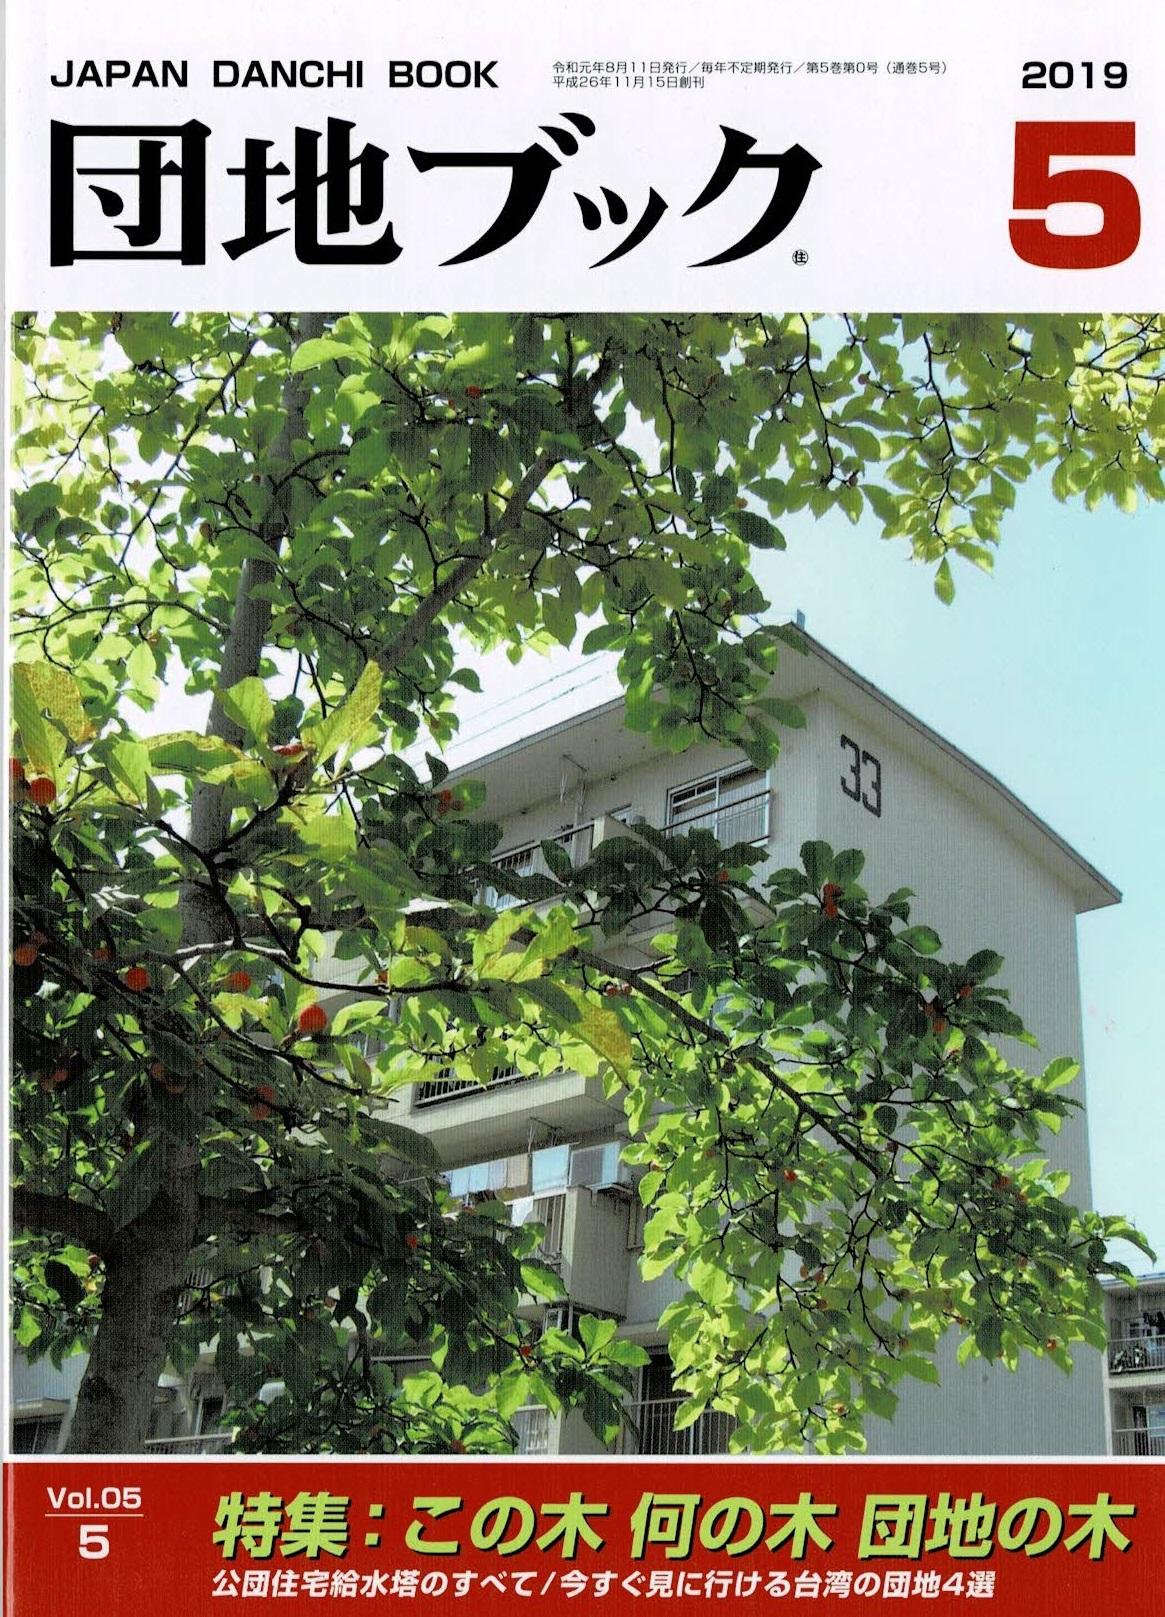 団地ブック5 この木なんの木団地の木 【チーム4.5畳】画像